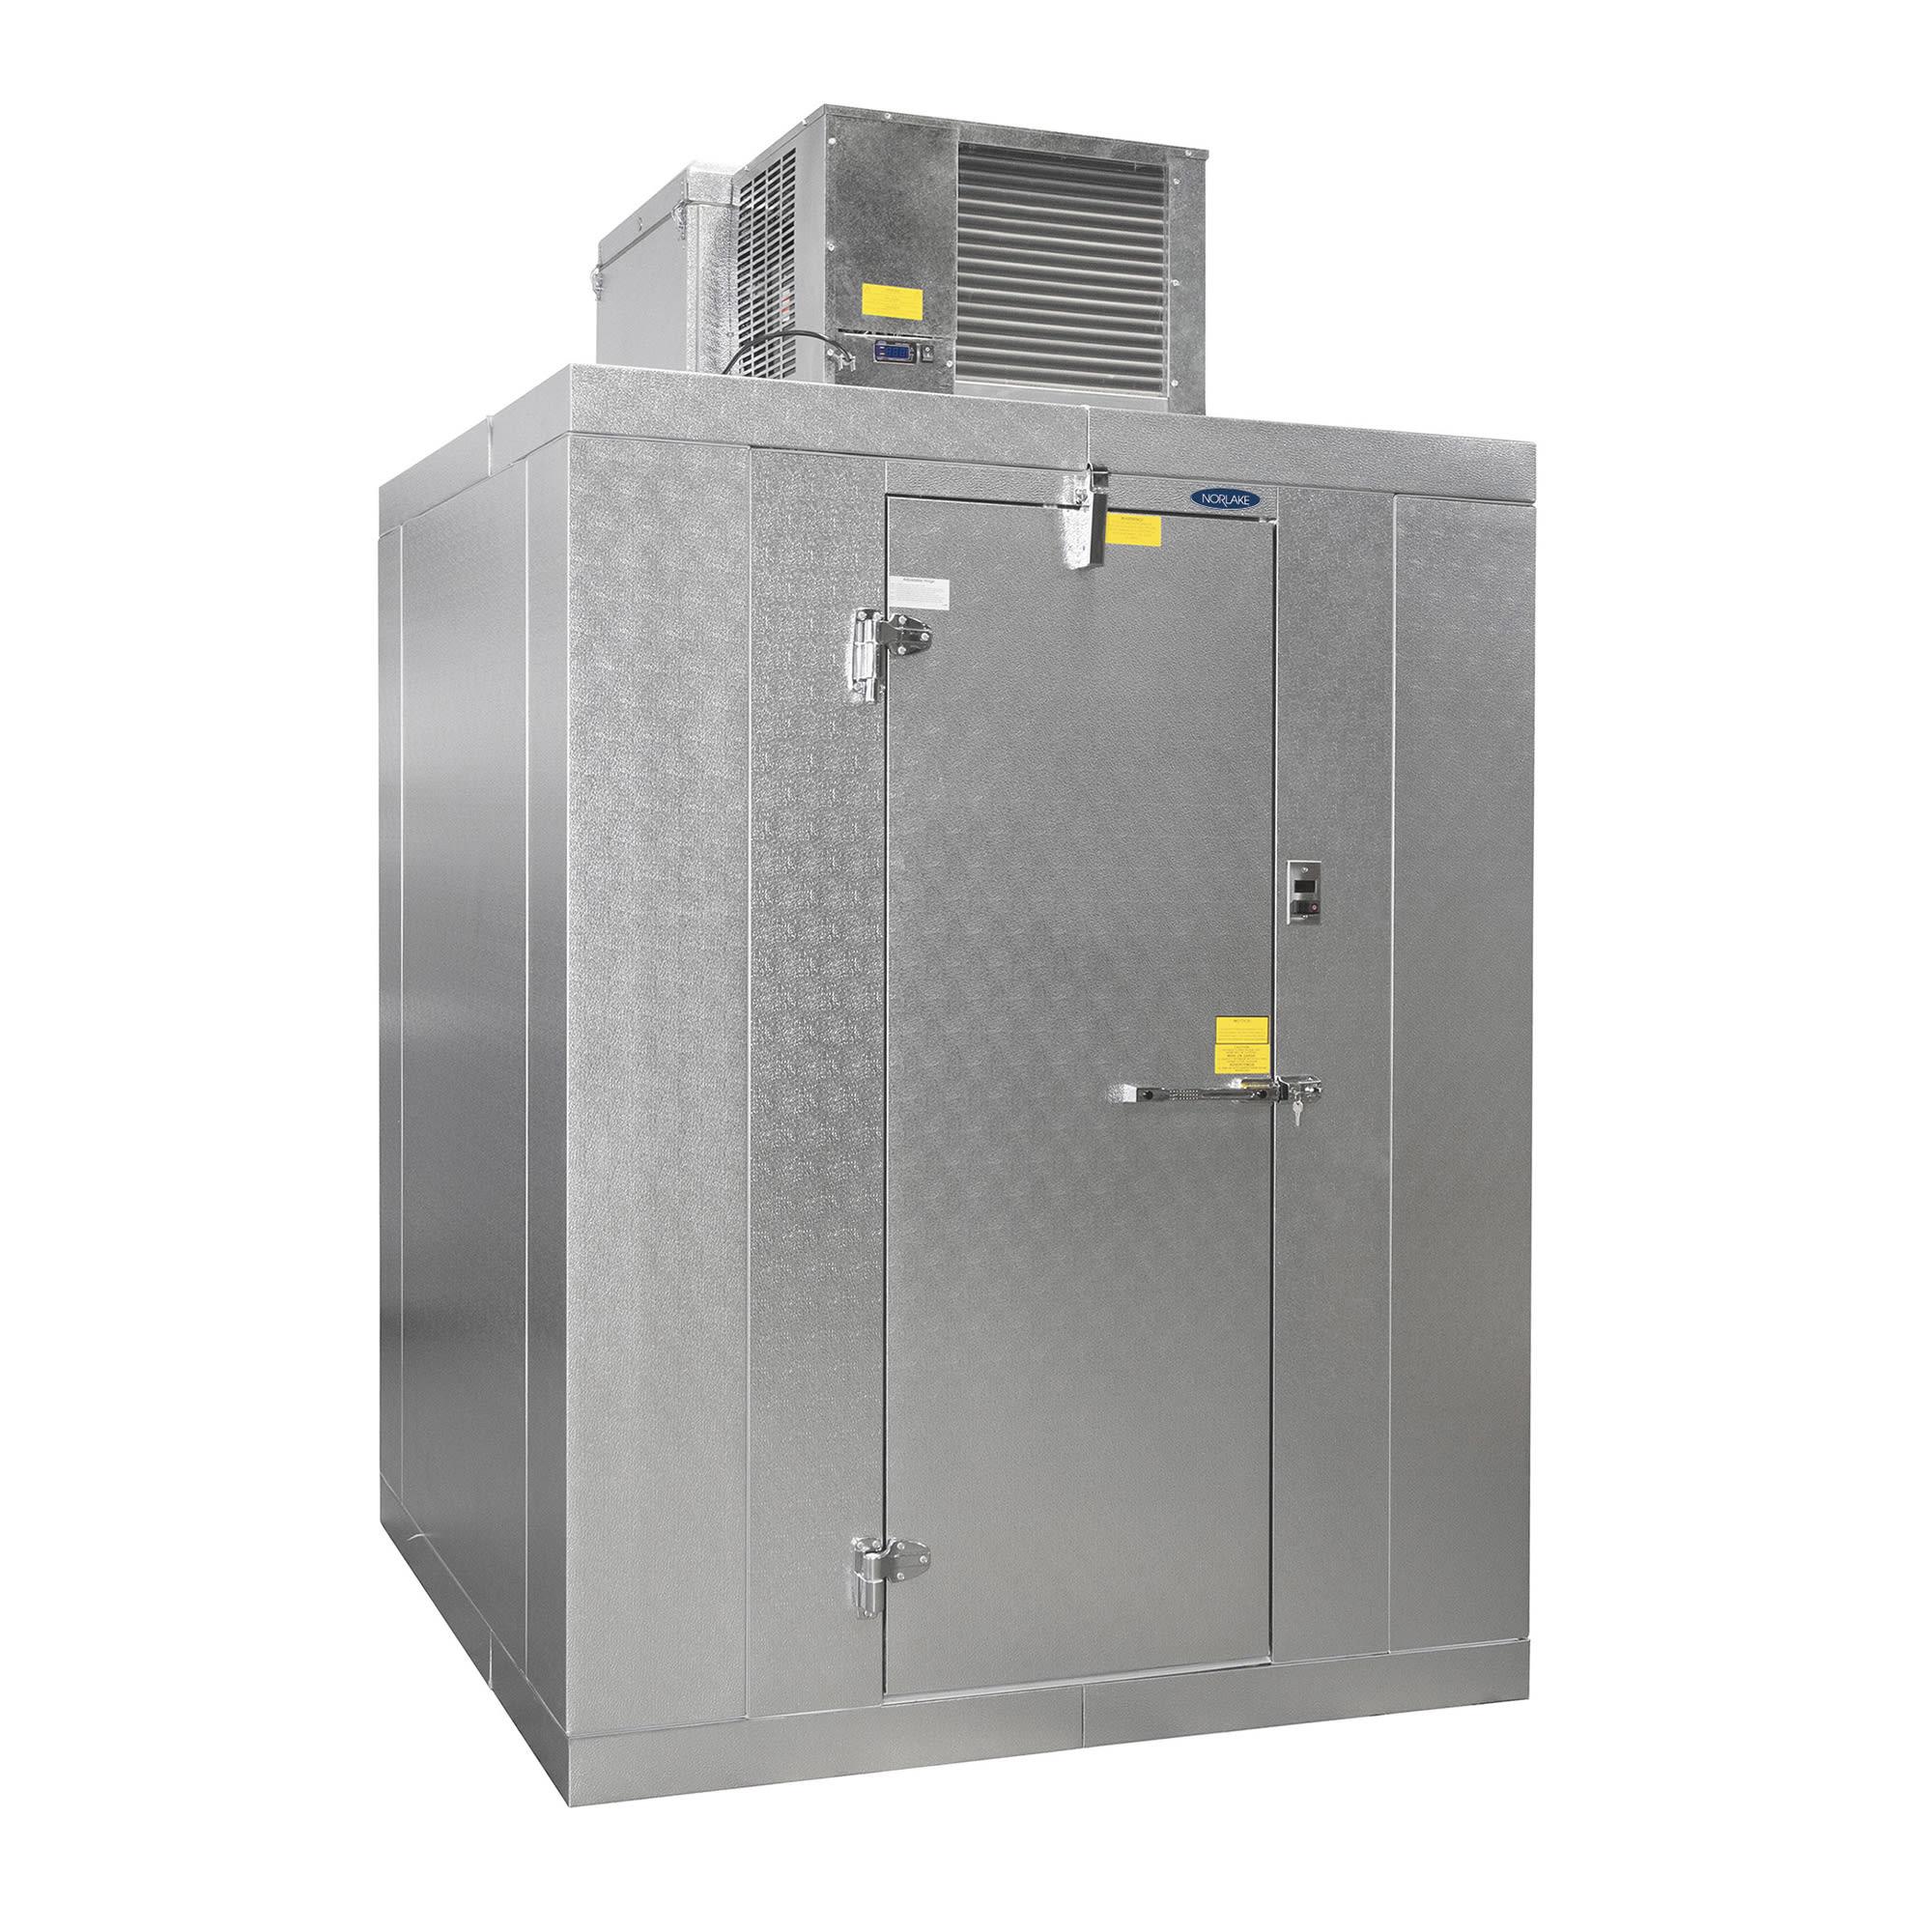 Norlake KLF7746-C R Indoor Walk-In Freezer w/ Top Mount Compressor, 4' x 6'